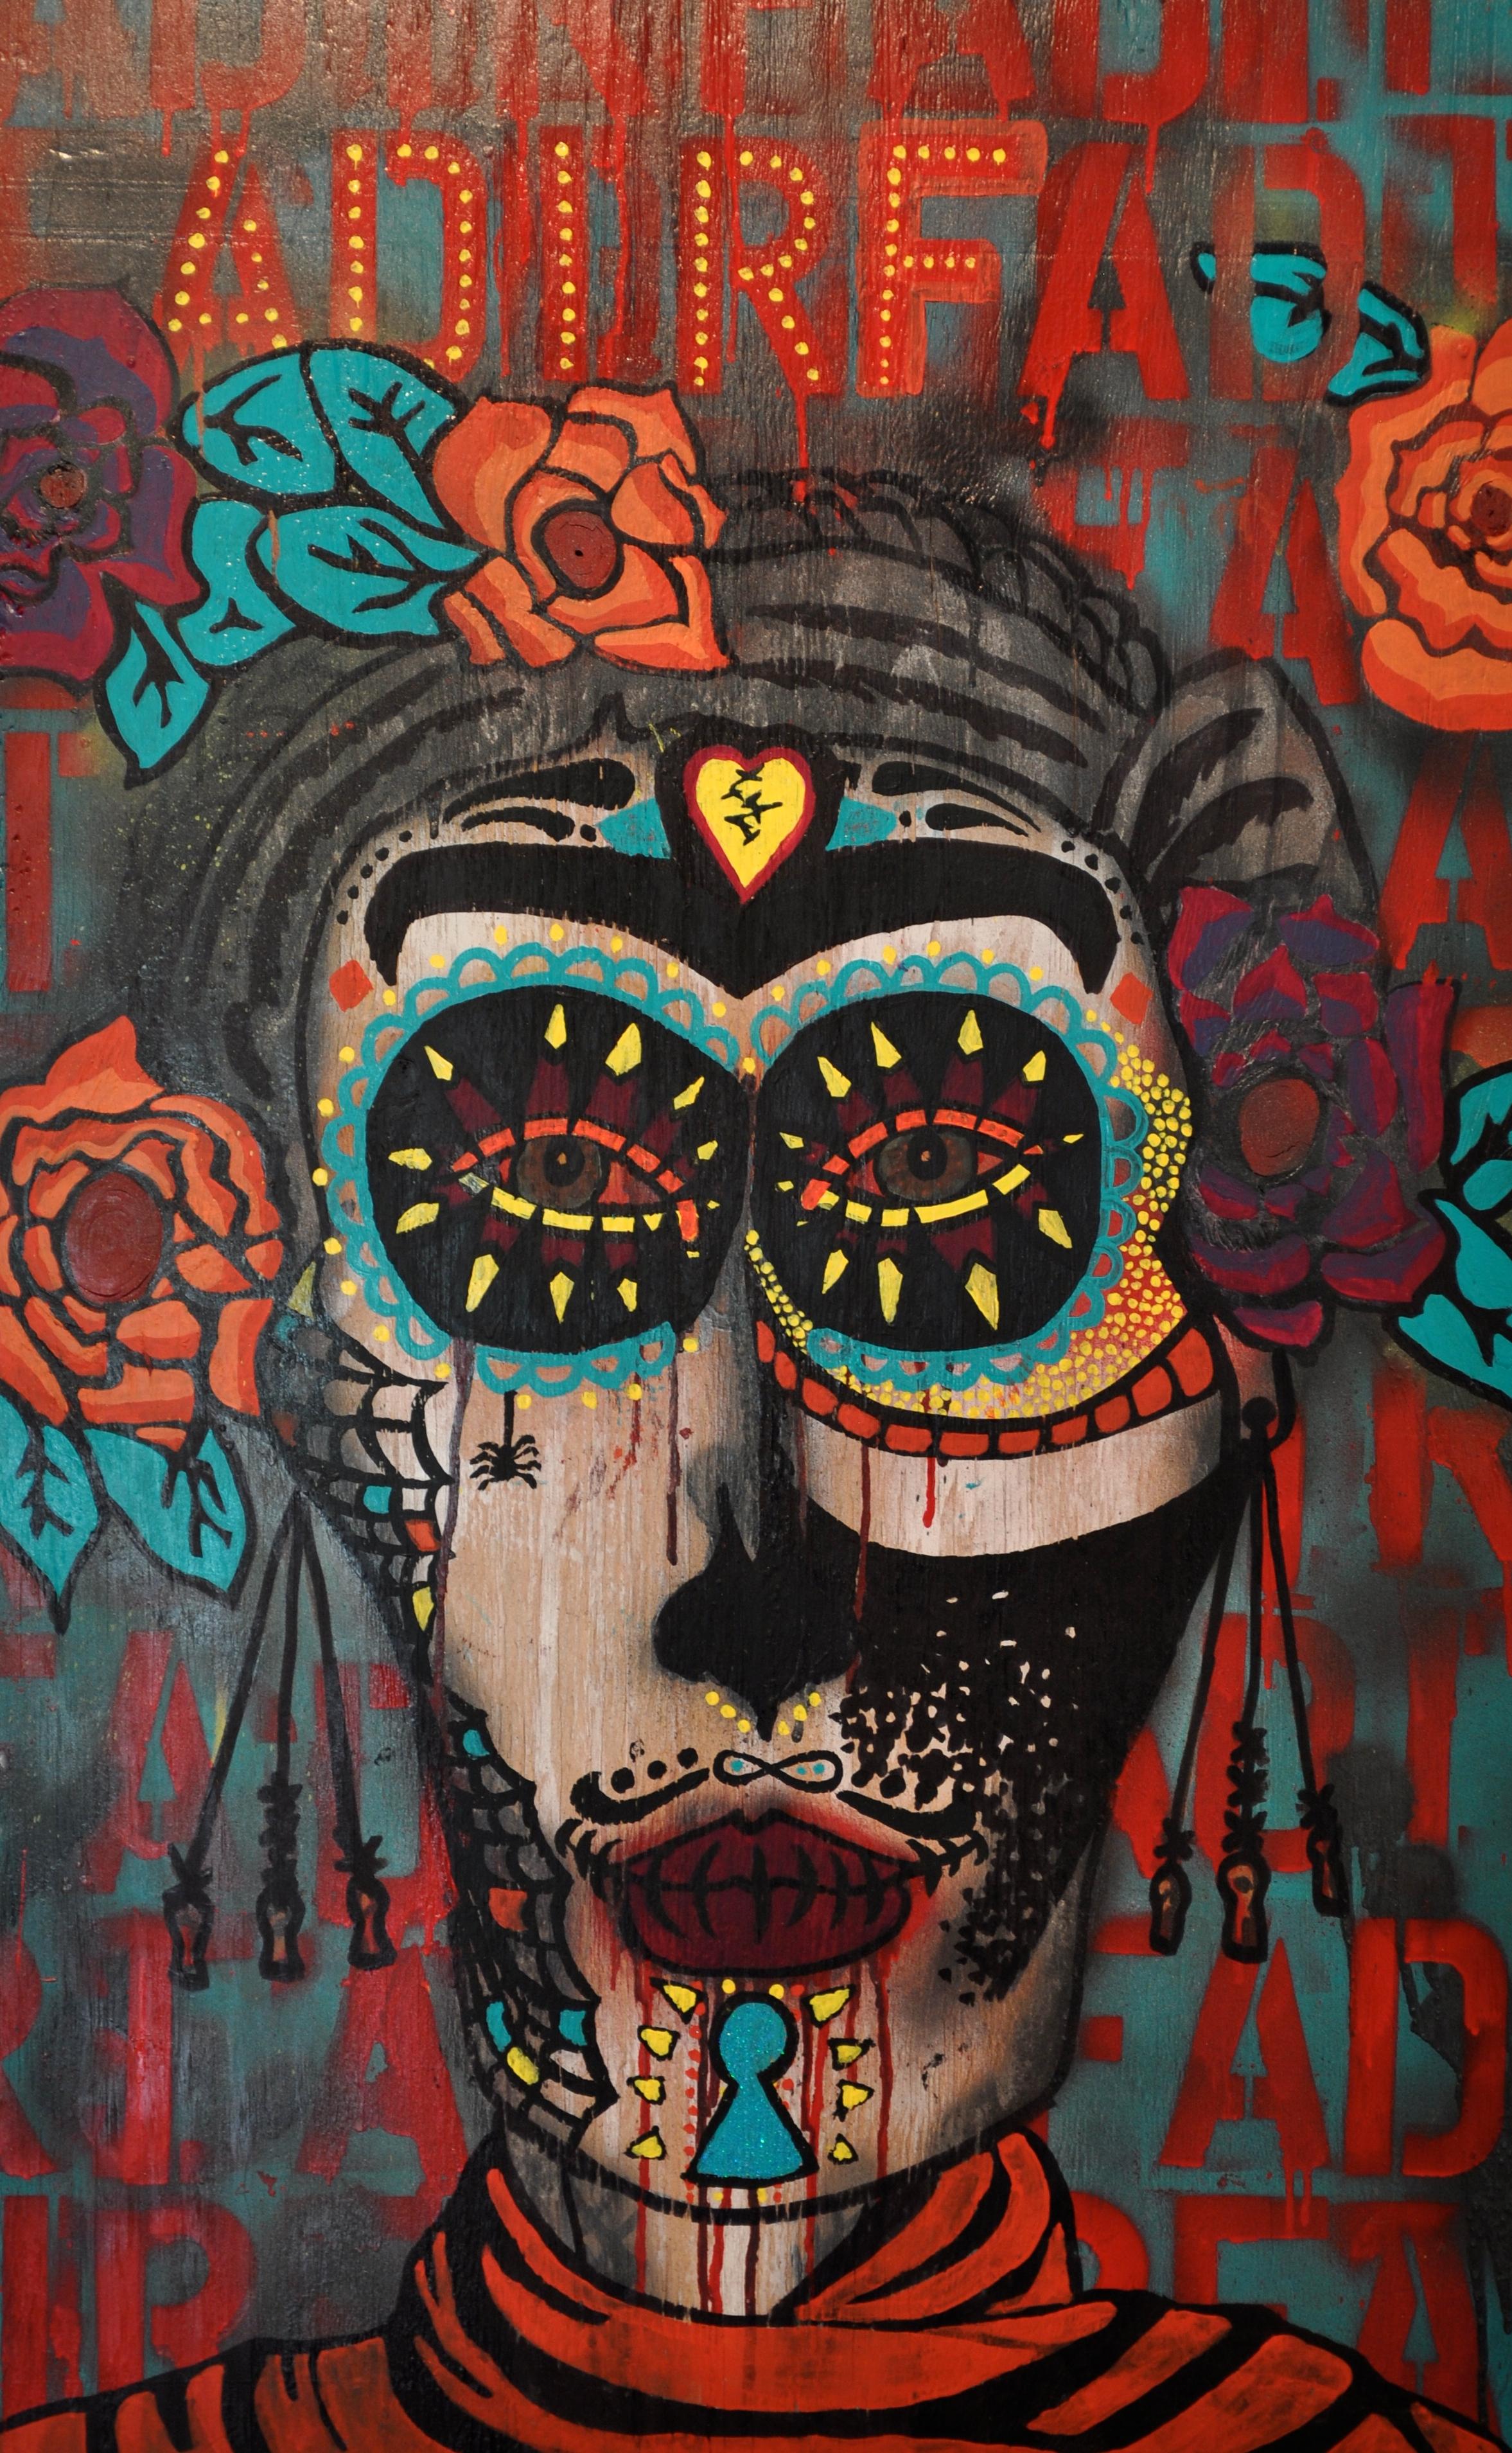 Frida   acrylic, enamel, polyurethane, Sharpie  - Shanna Henry